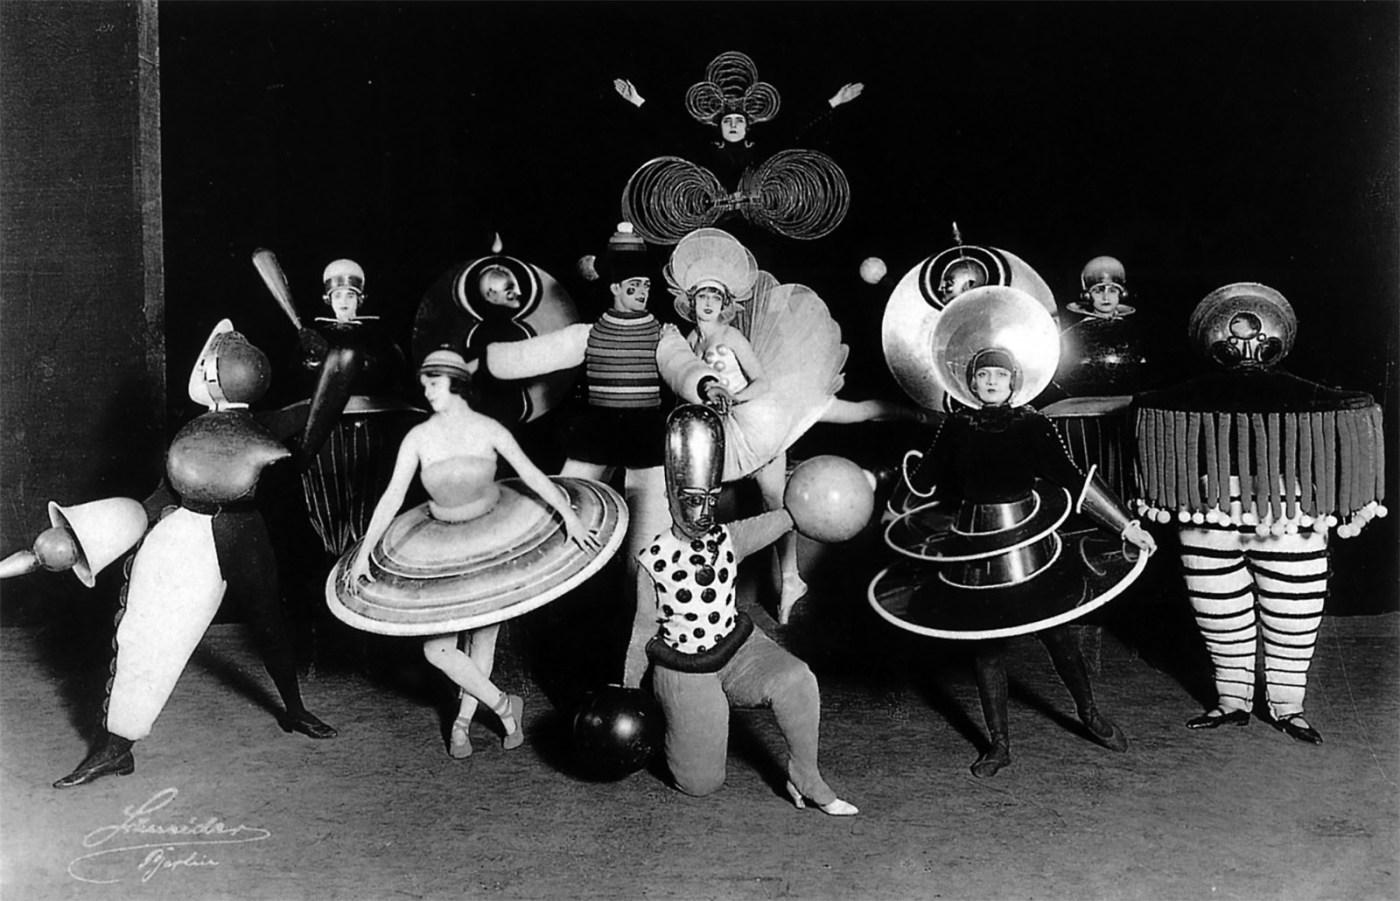 Das Triadisches Ballett, developed by Oskar Schlemmer, performance in Wieder Metropol at Metropoltheater, Berlin, photographed by Ernst Schneider.